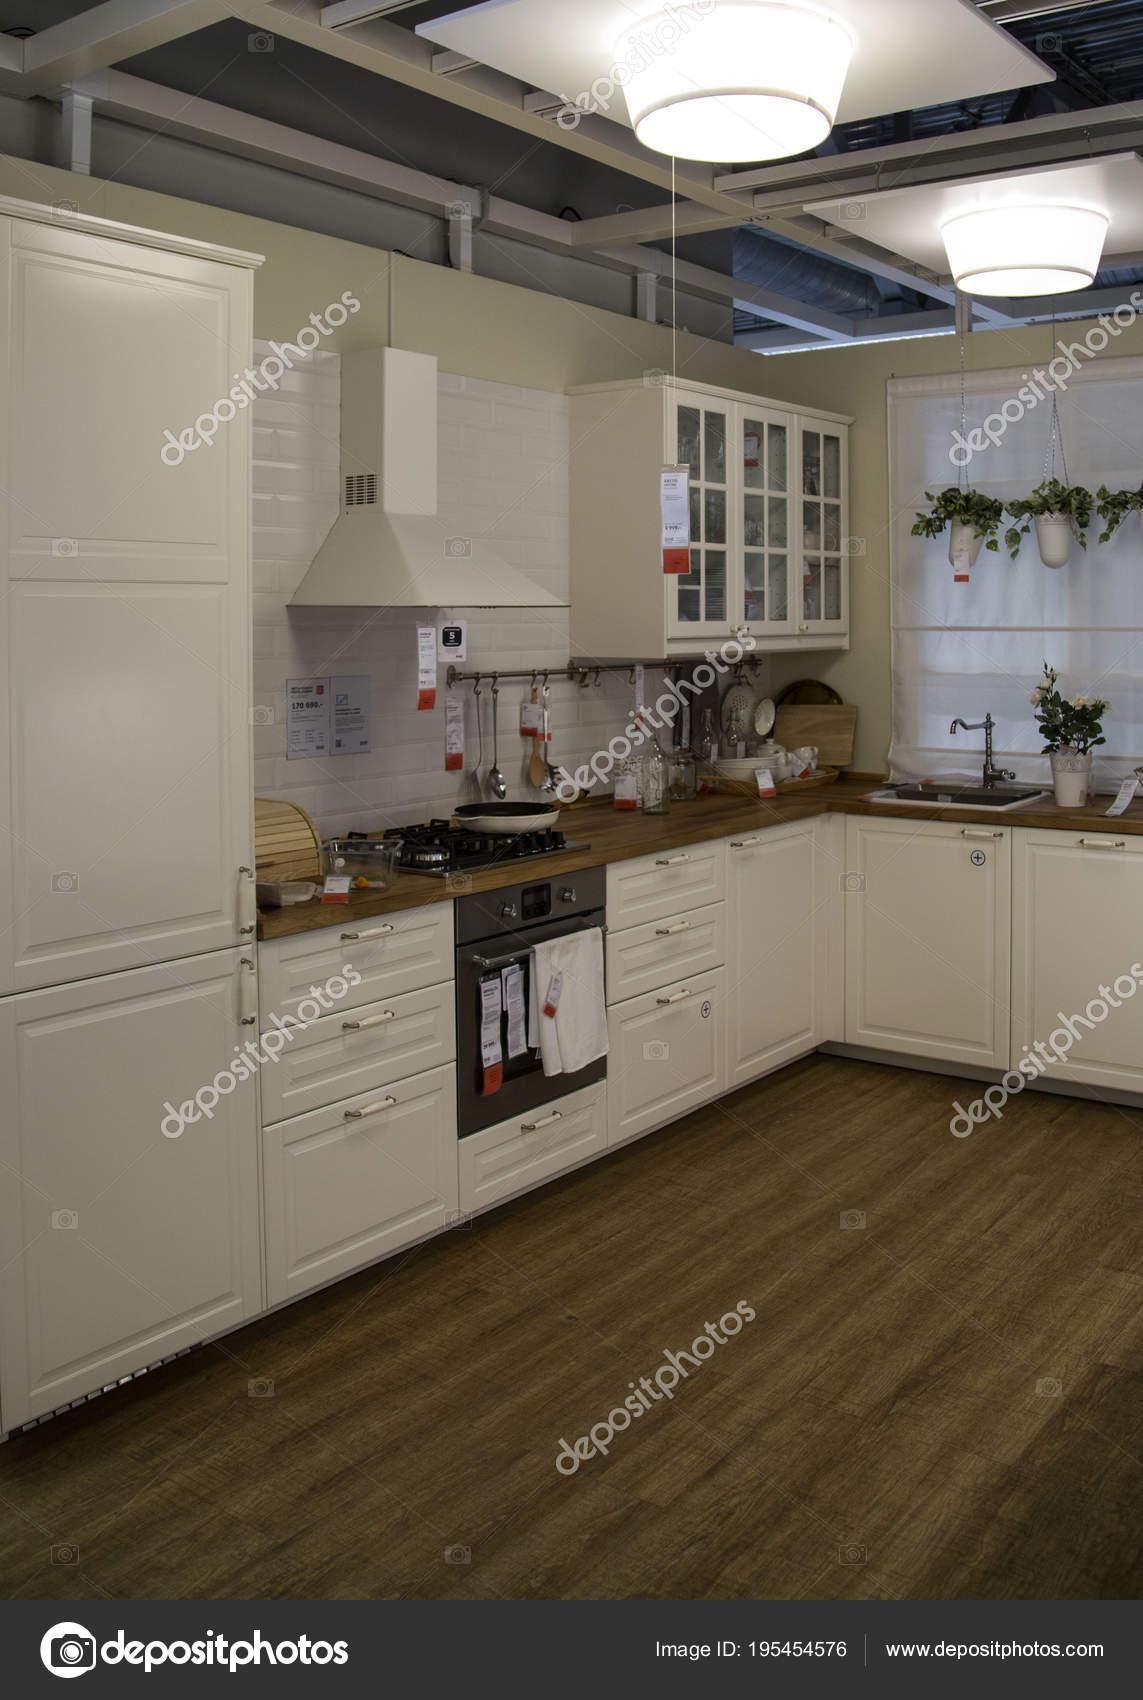 москва россия 10 мая 2018 интерьер кухни комнаты внутри магазина